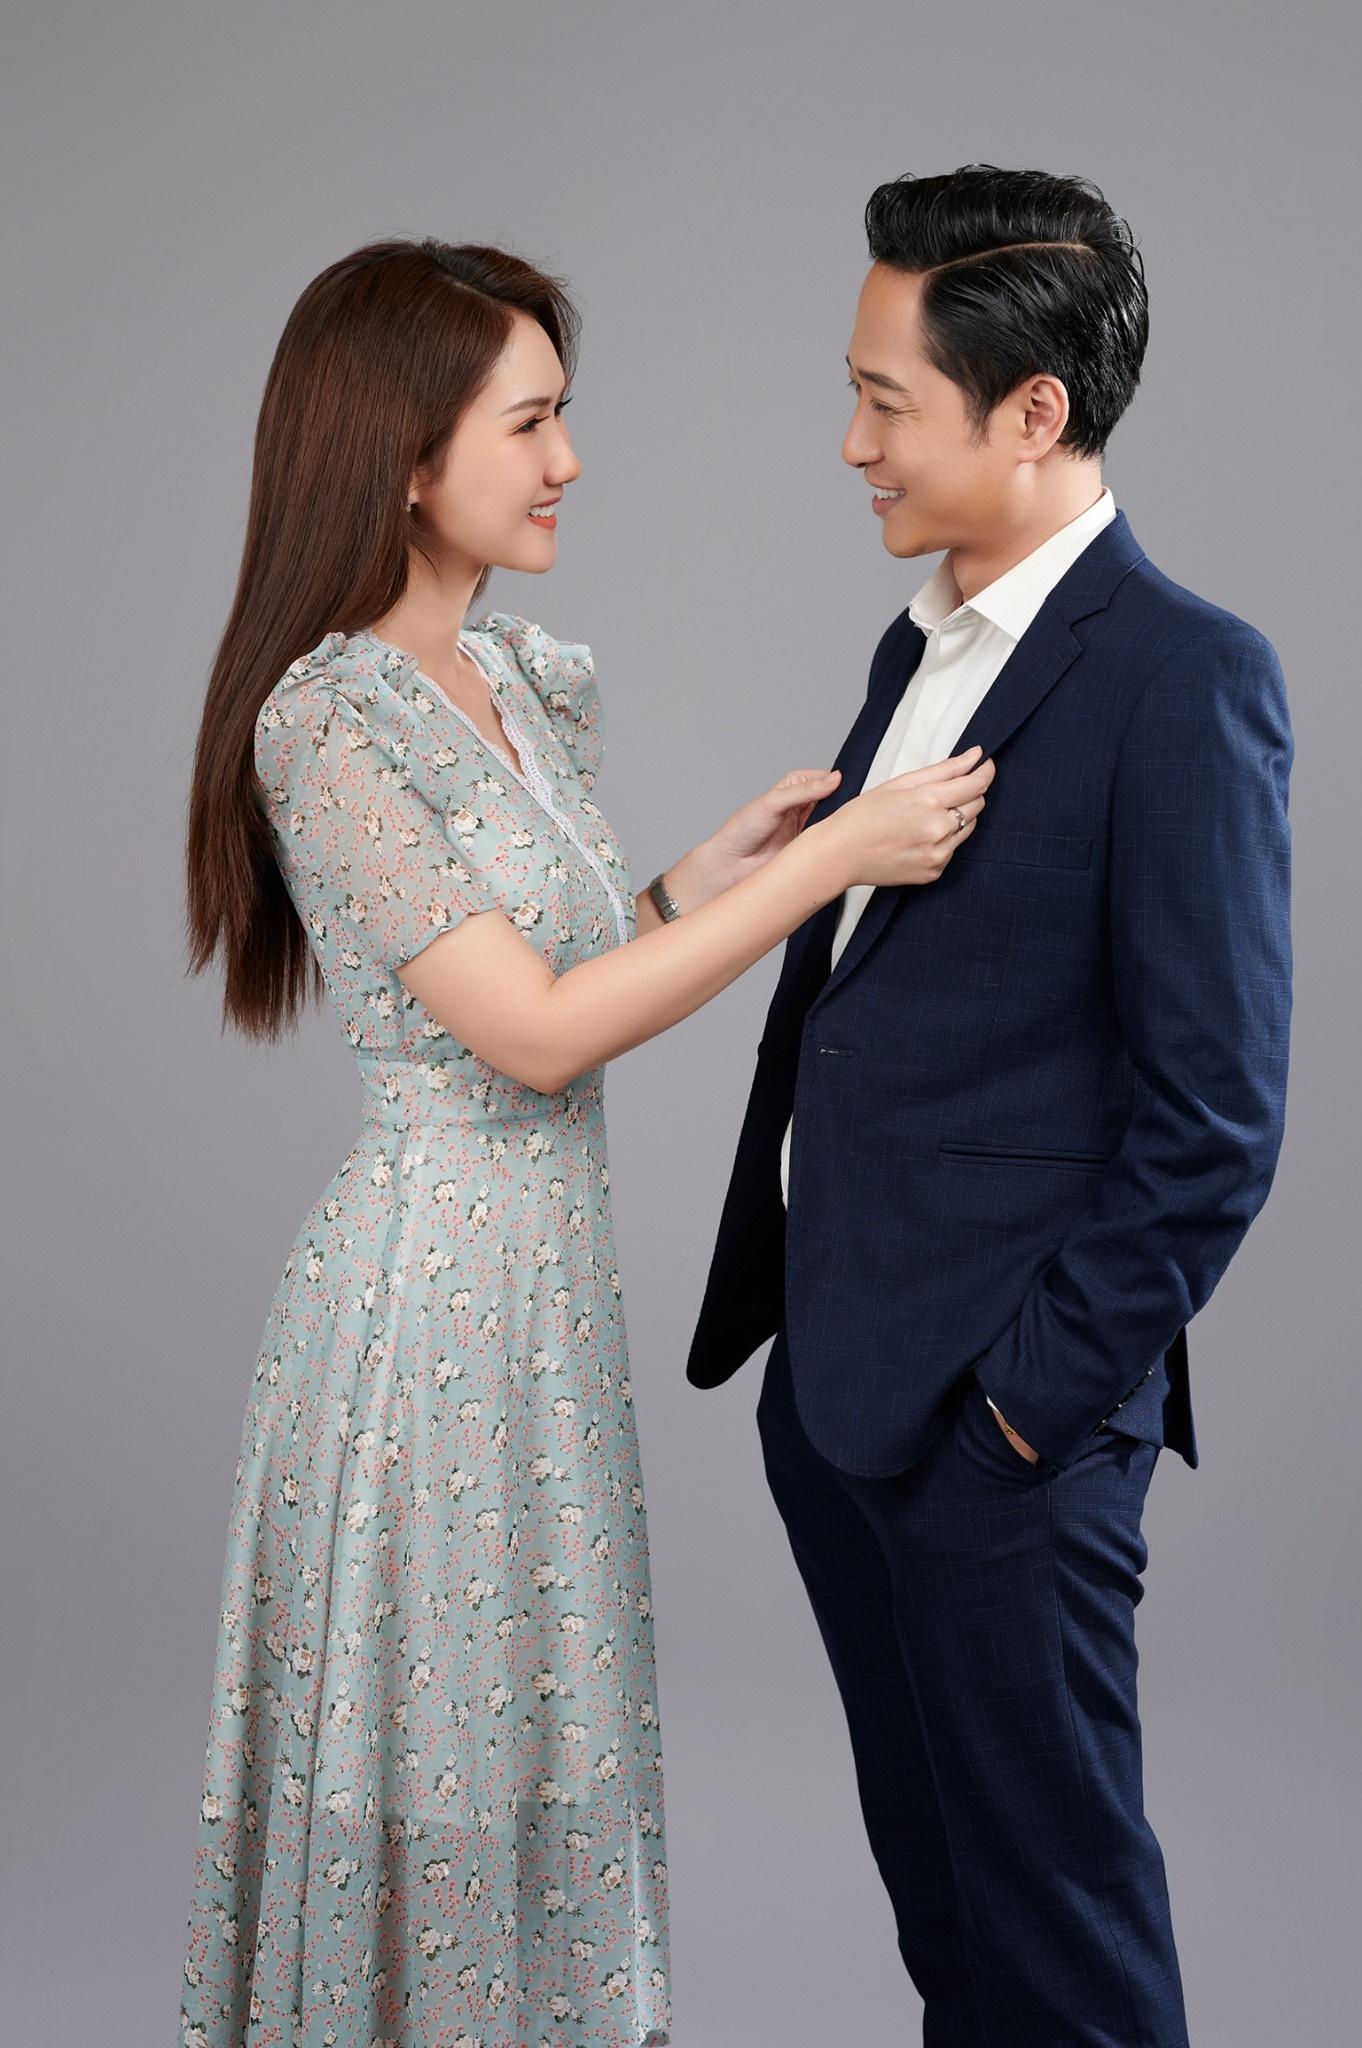 Hương Giang bật mí luật ngầm với bạn trai khi làm việc với diễn viên khác - 6